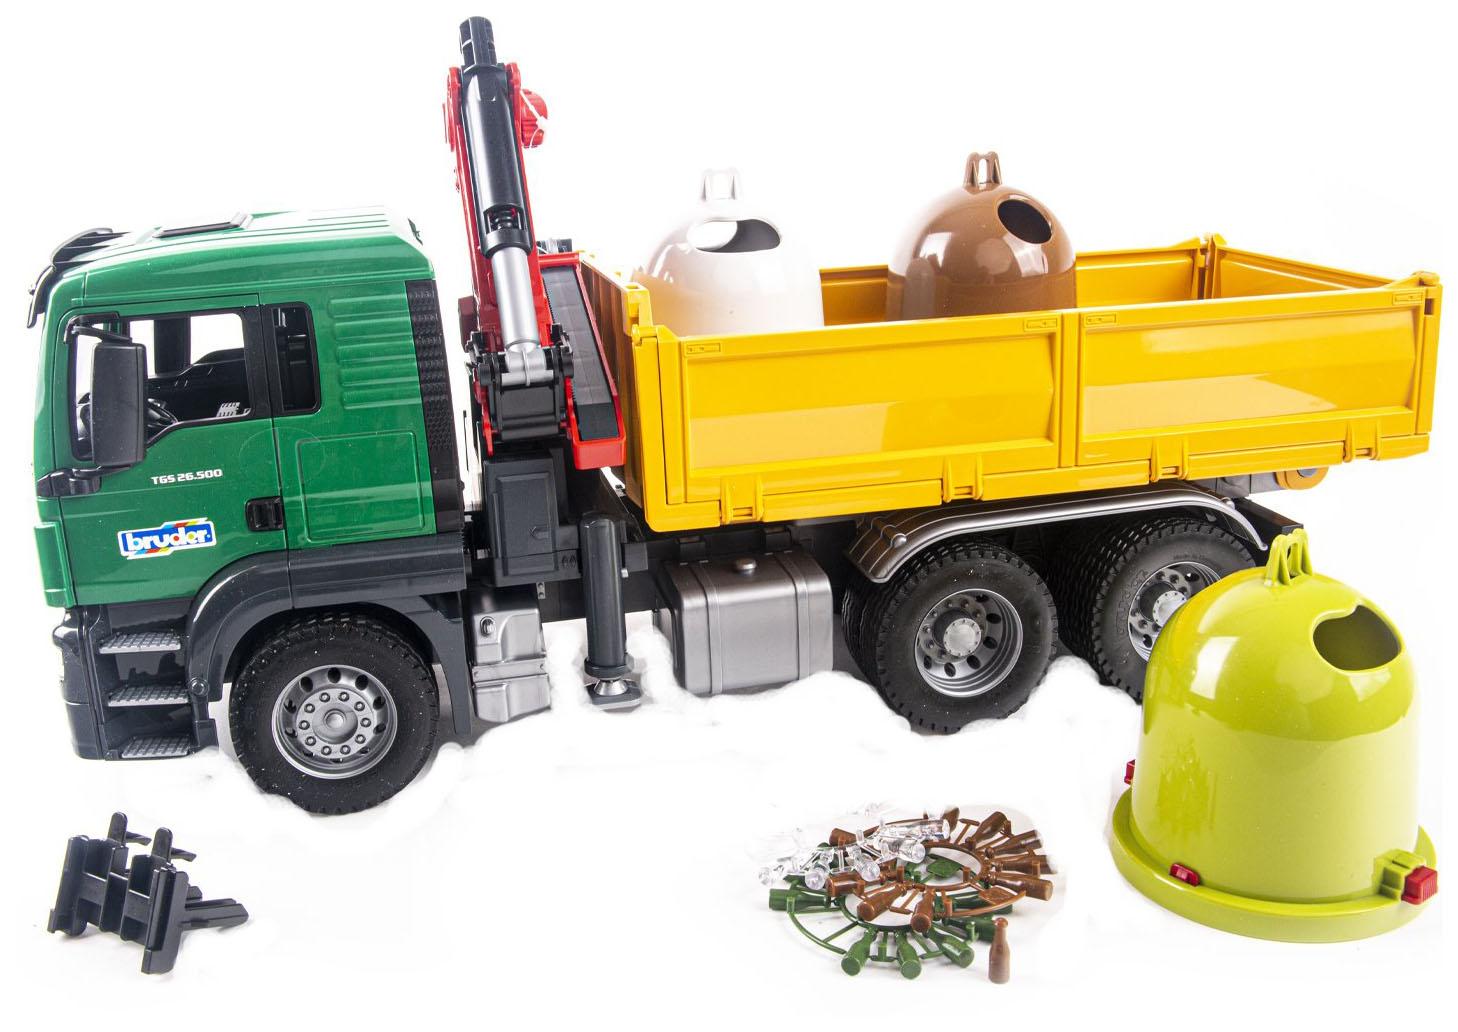 Купить Самосвал MAN, c 3-мя мусорными контейнерами, Bruder,